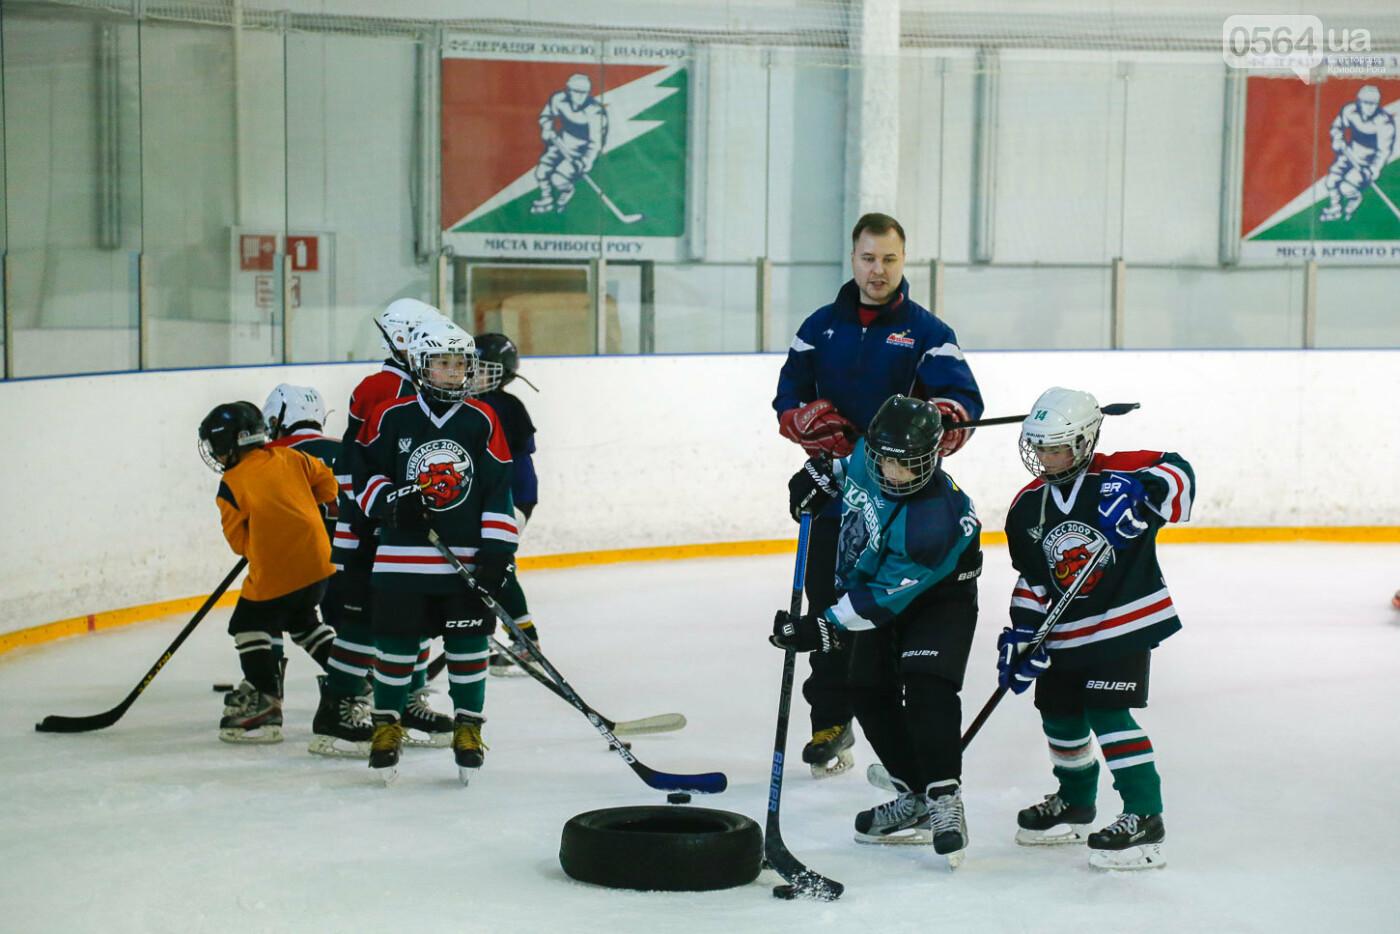 Звезды украинского хоккея провели открытую тренировку в Кривом Роге, фото-7